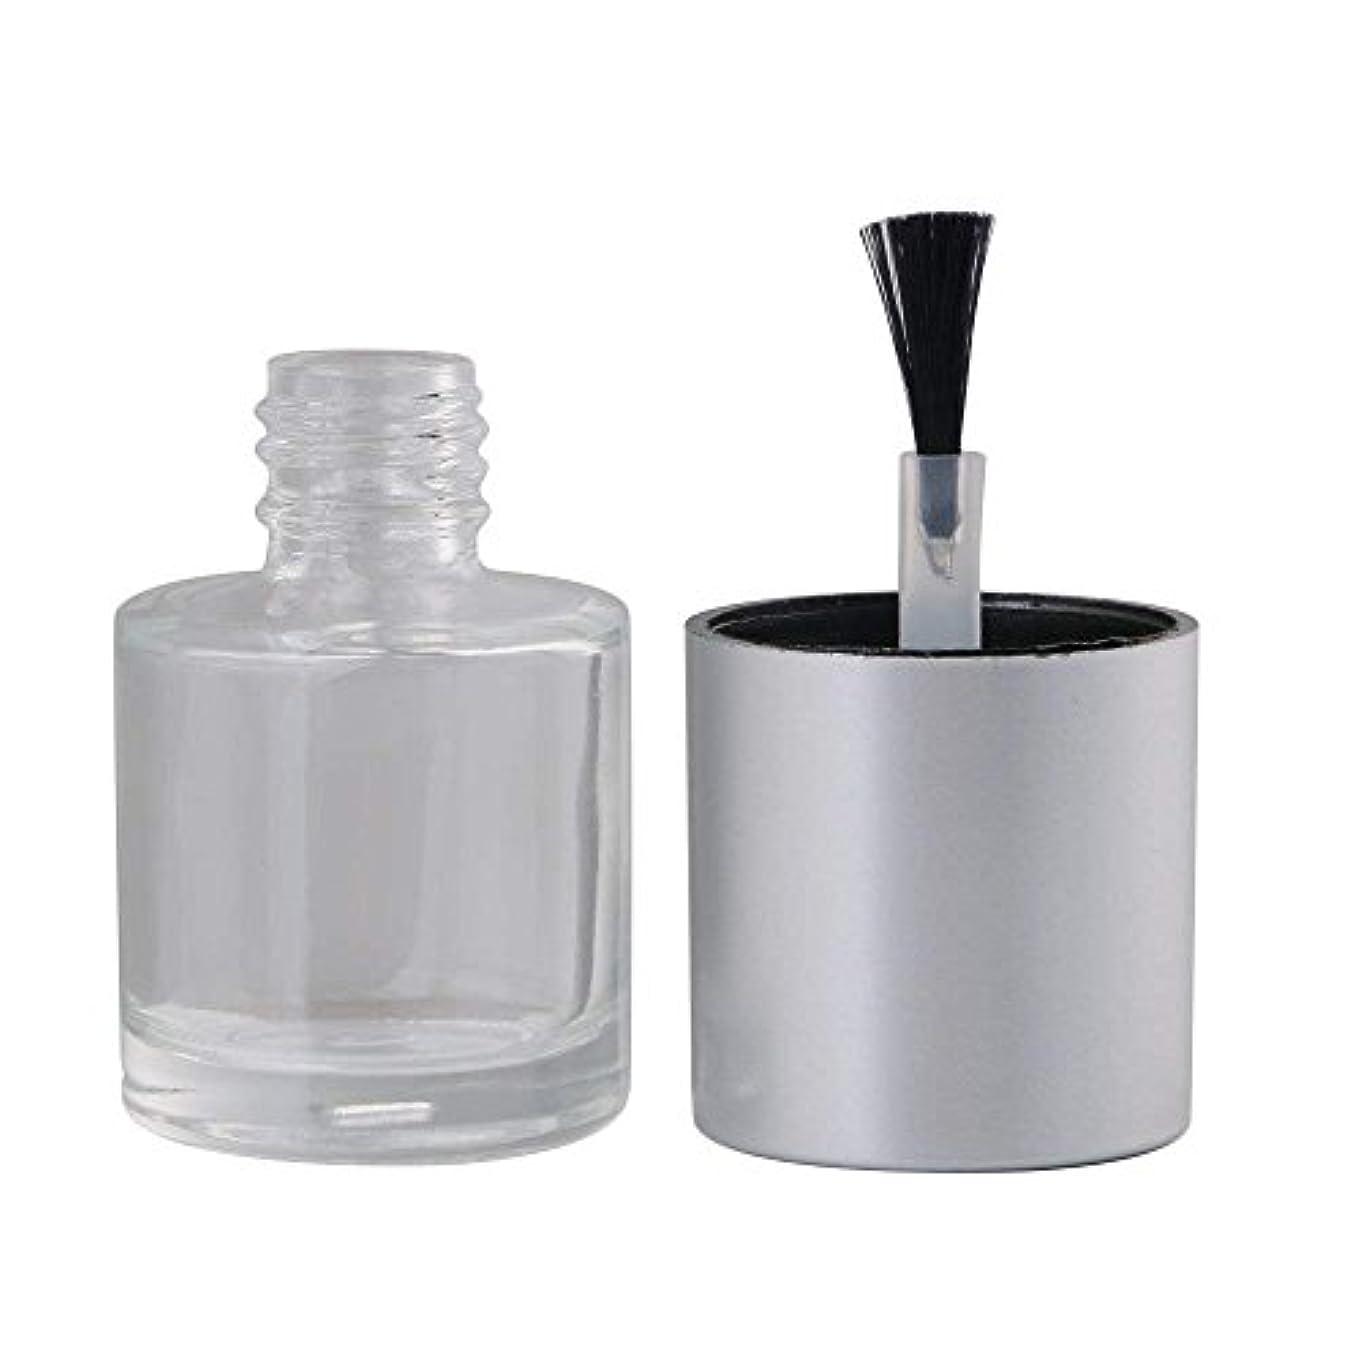 バーガー送った数学者Diystyle 10個入 マニキュアボトル 空ボトル 10ml 小分けボトル 詰め替え 化粧品収納 旅行用品 ガラス グレー